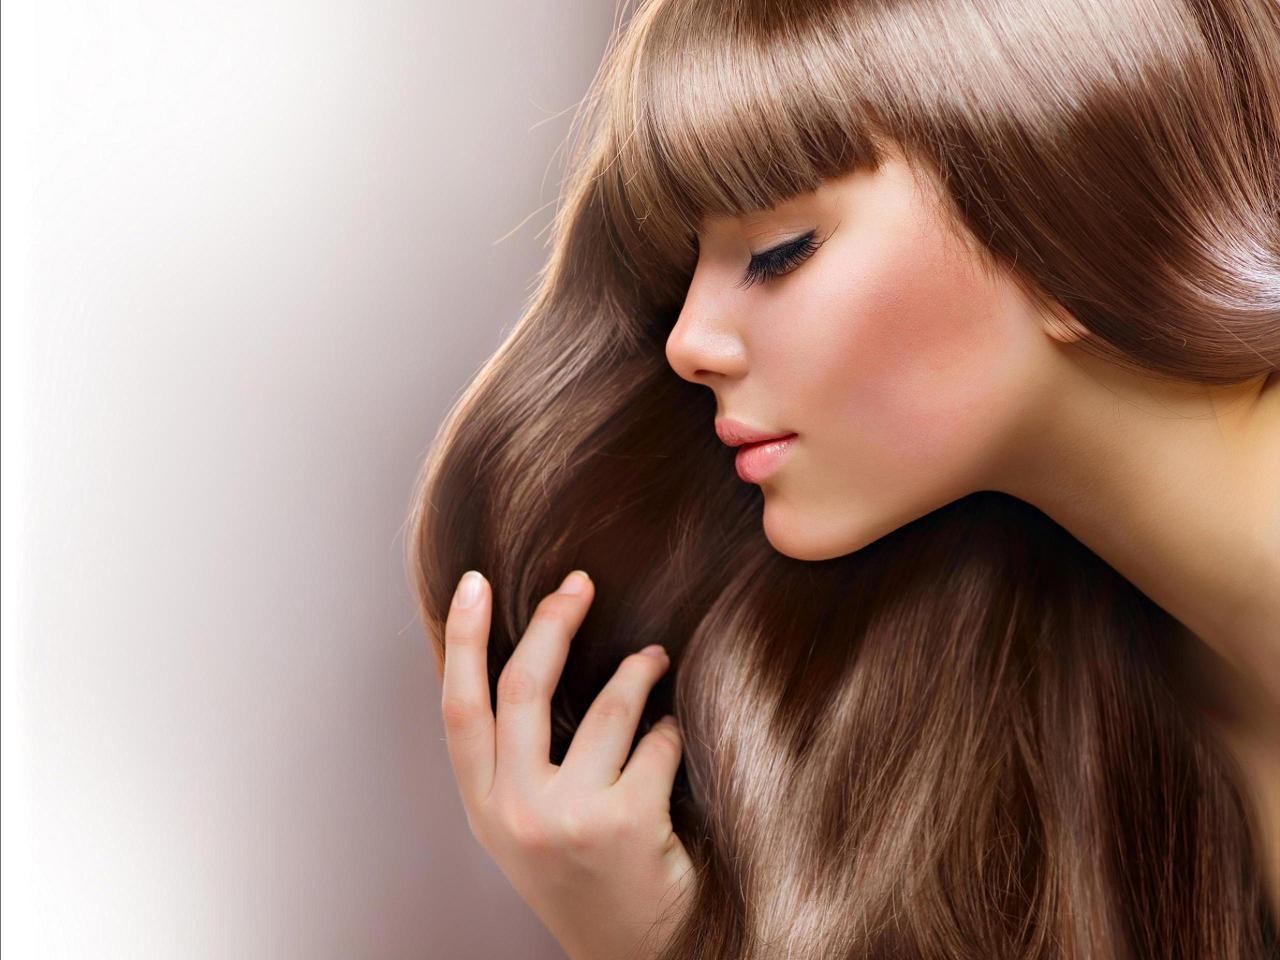 خواص شگفت انگیز روغن کنجد برای پوست و مو